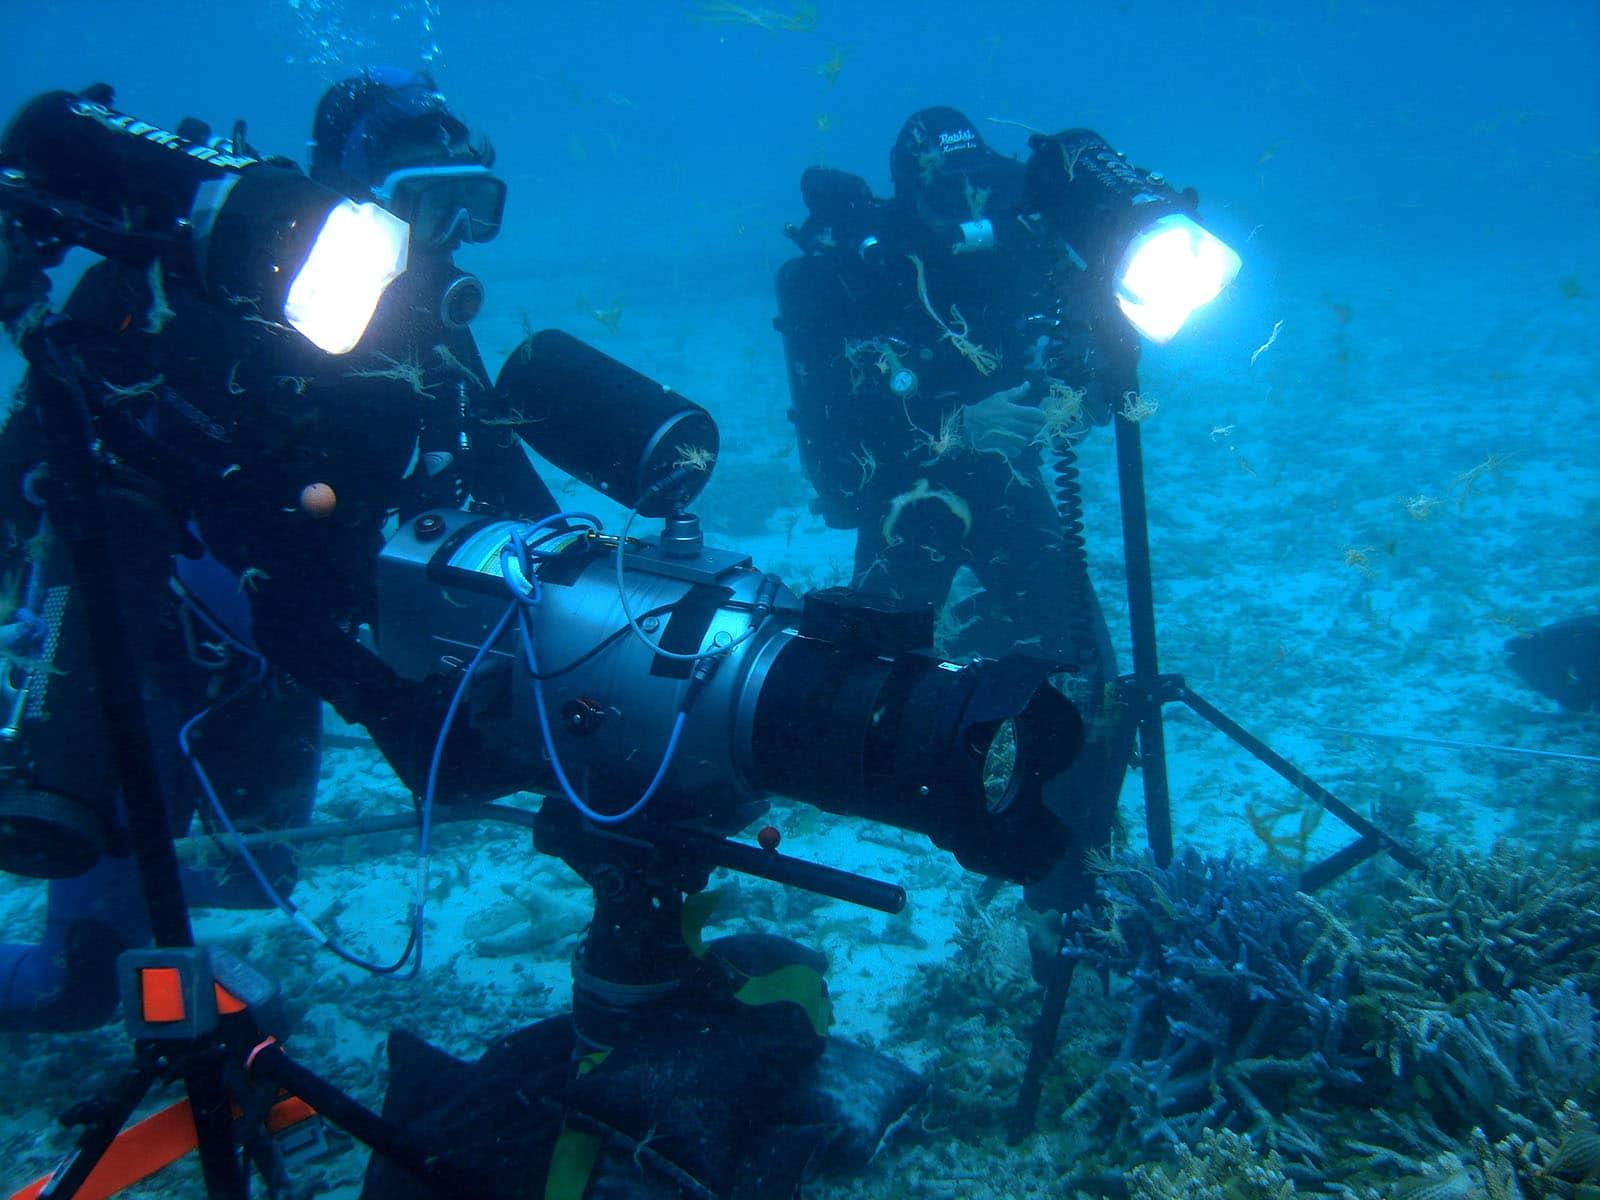 Plongée Infos Marine Vidéo En L'éclairage Sous n0wOPk